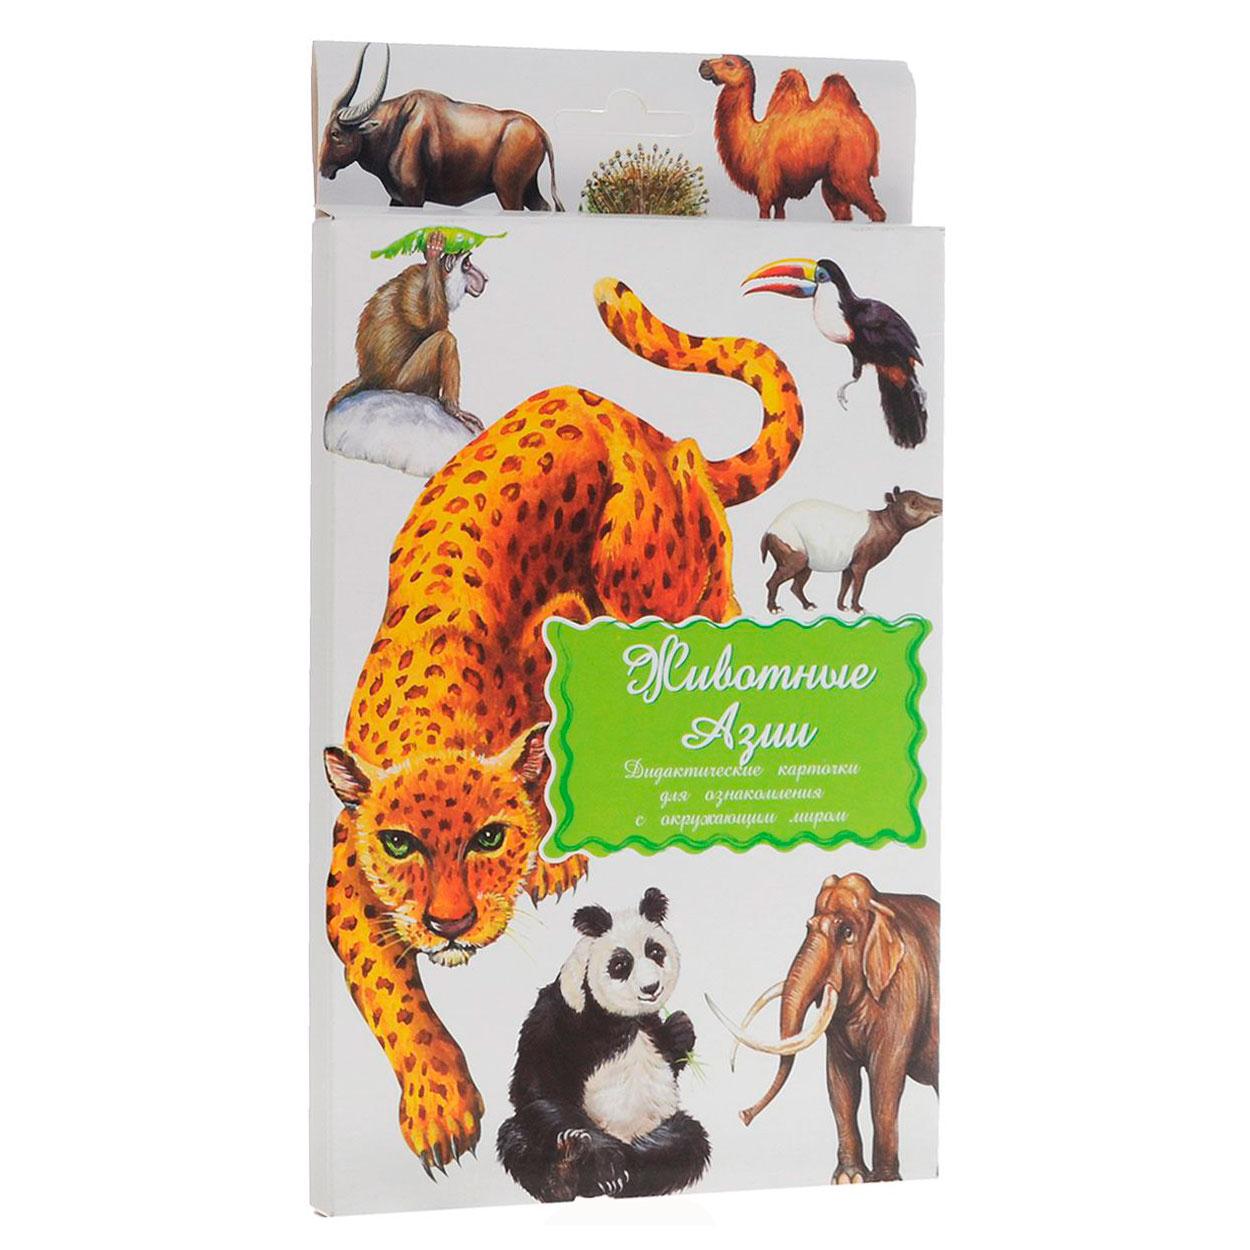 Дидактические карточки Маленький гений Животные Азии<br>